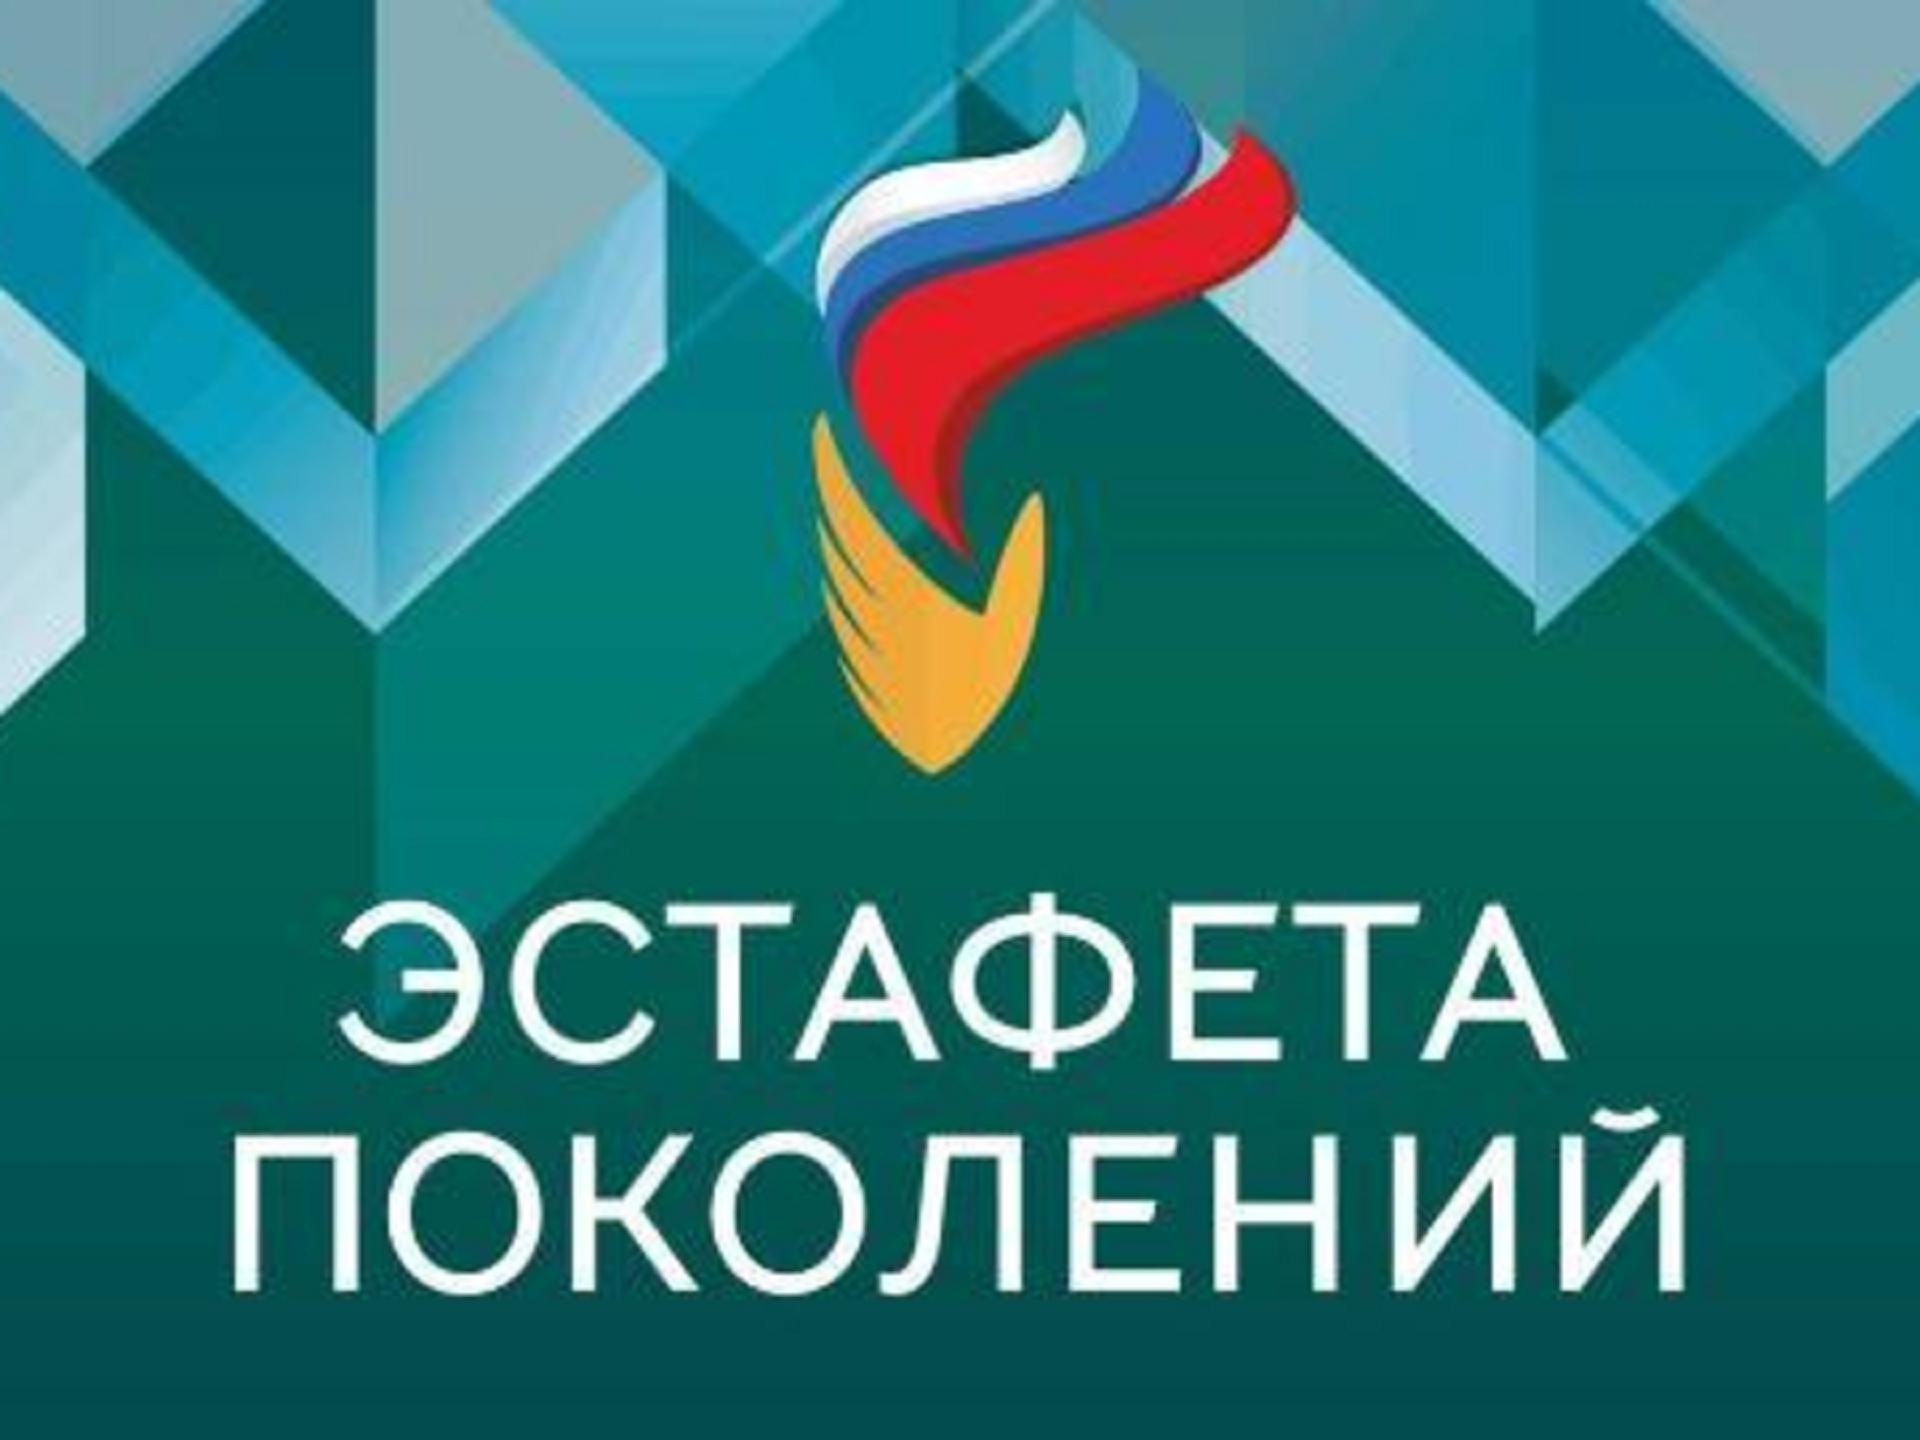 Студентов ВятГУ приглашают принять участие в конкурсе